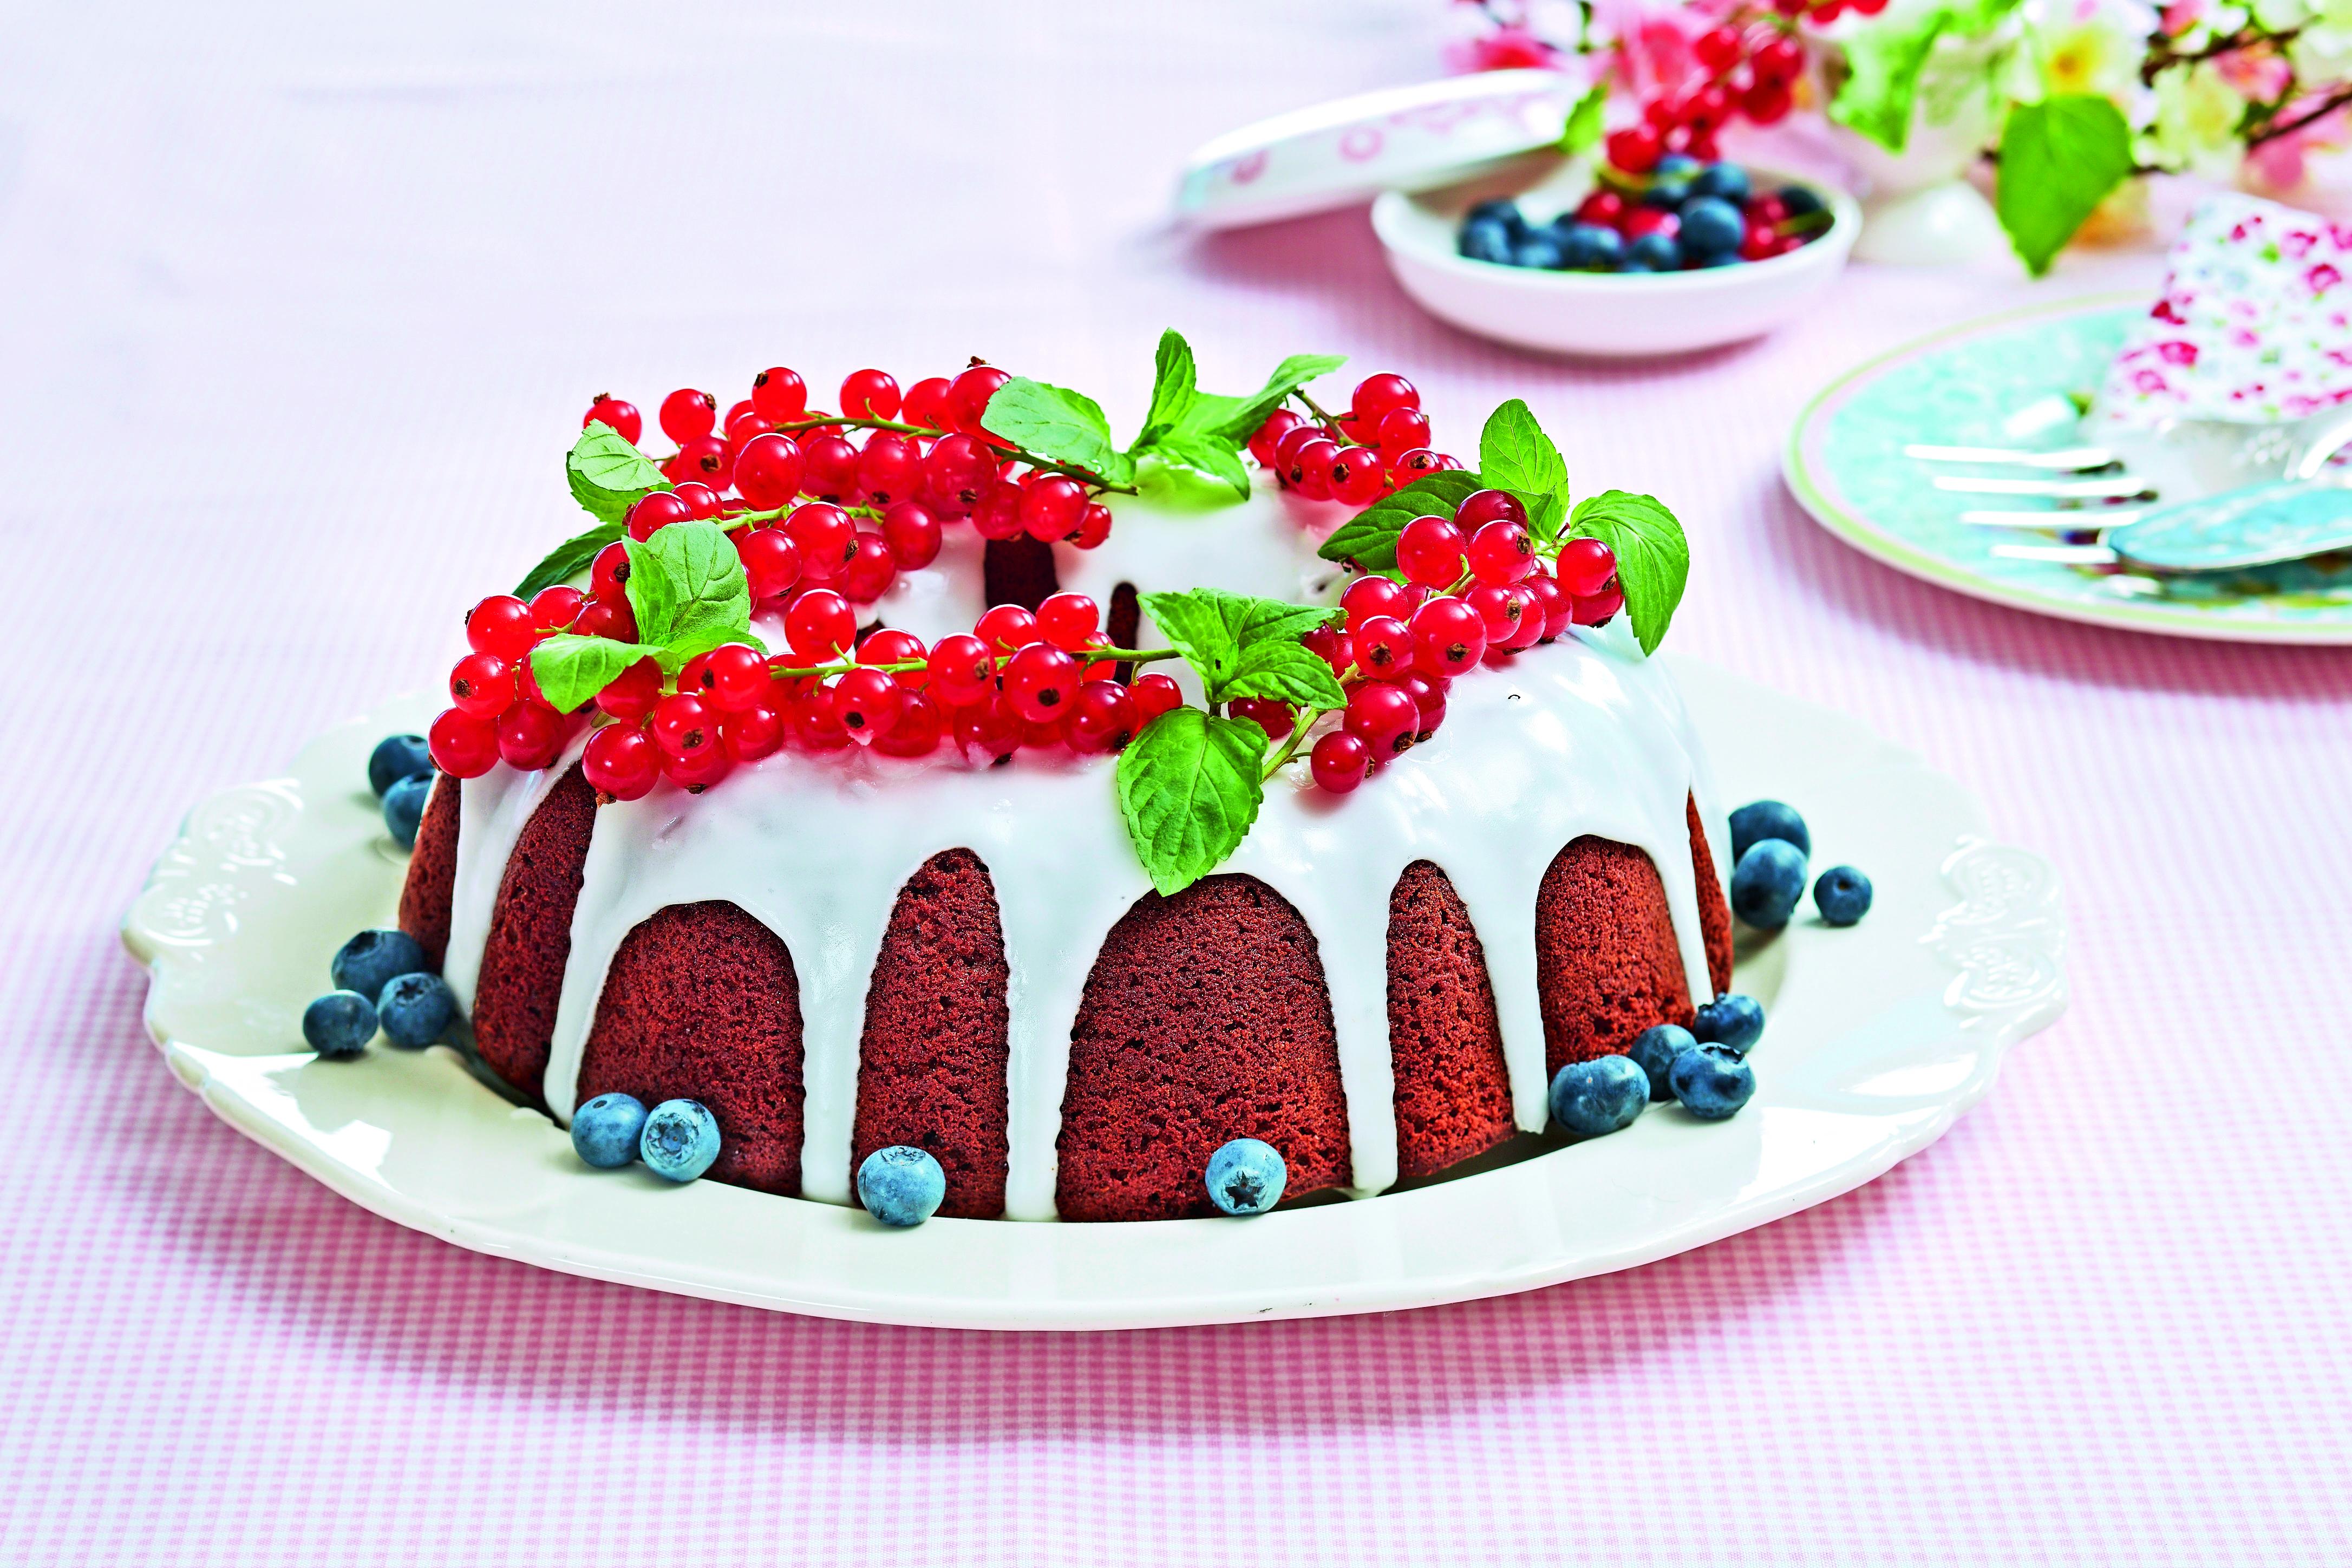 sjokolade-kake-randform